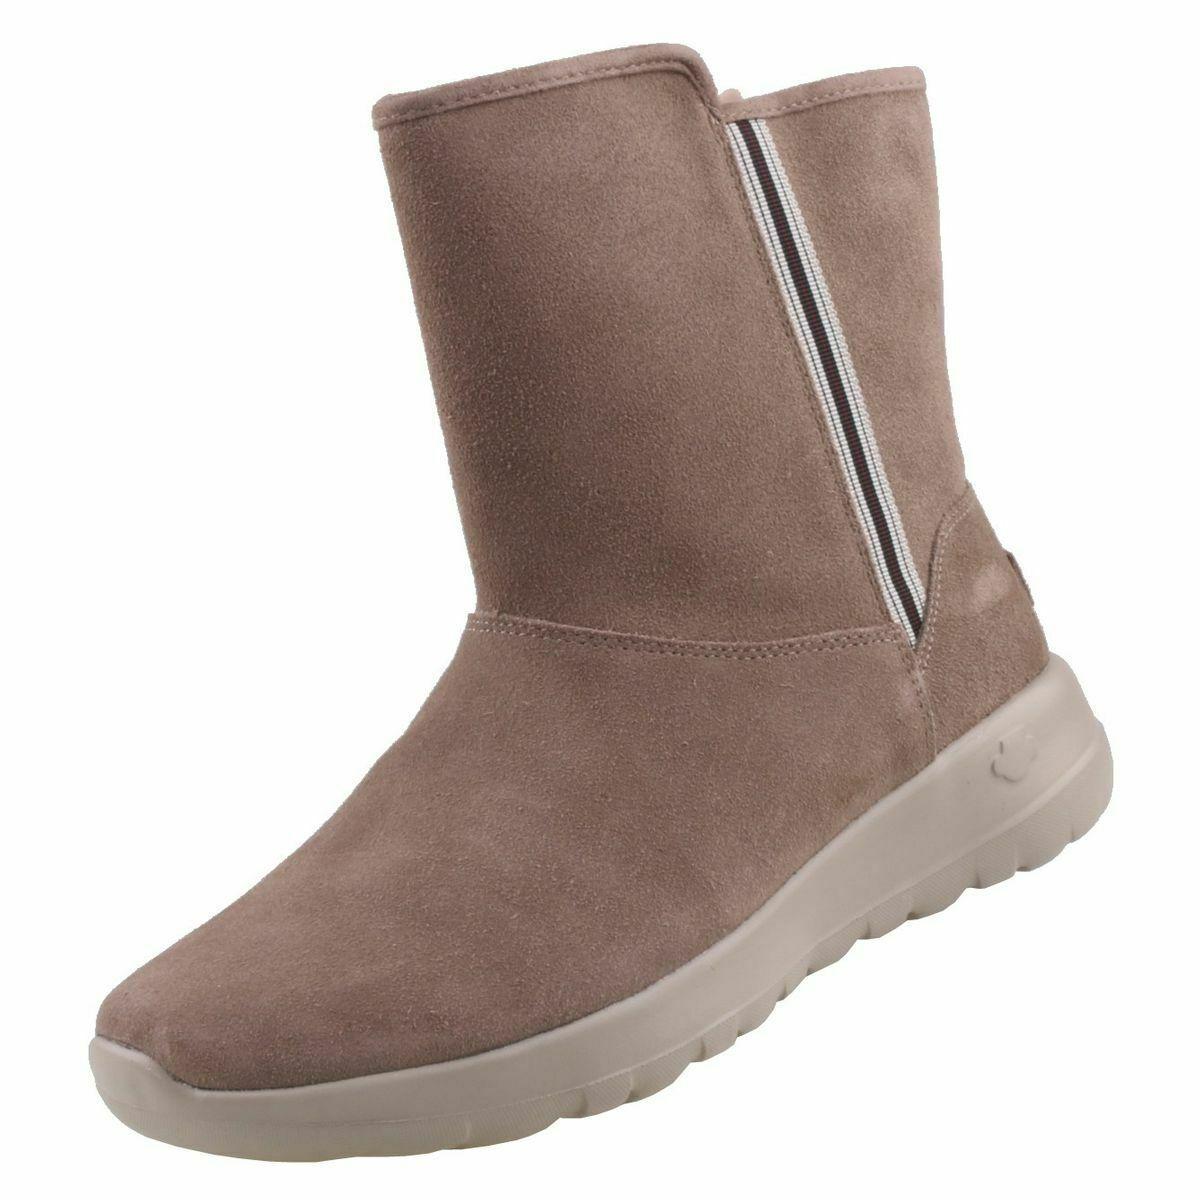 Cambiarse de ropa Correlación Casi muerto  Detalles de Nuevo skechers Zapatos Mujer Botas de Invierno Botas Botines  Forradas | Uggs, Boots, Shoes